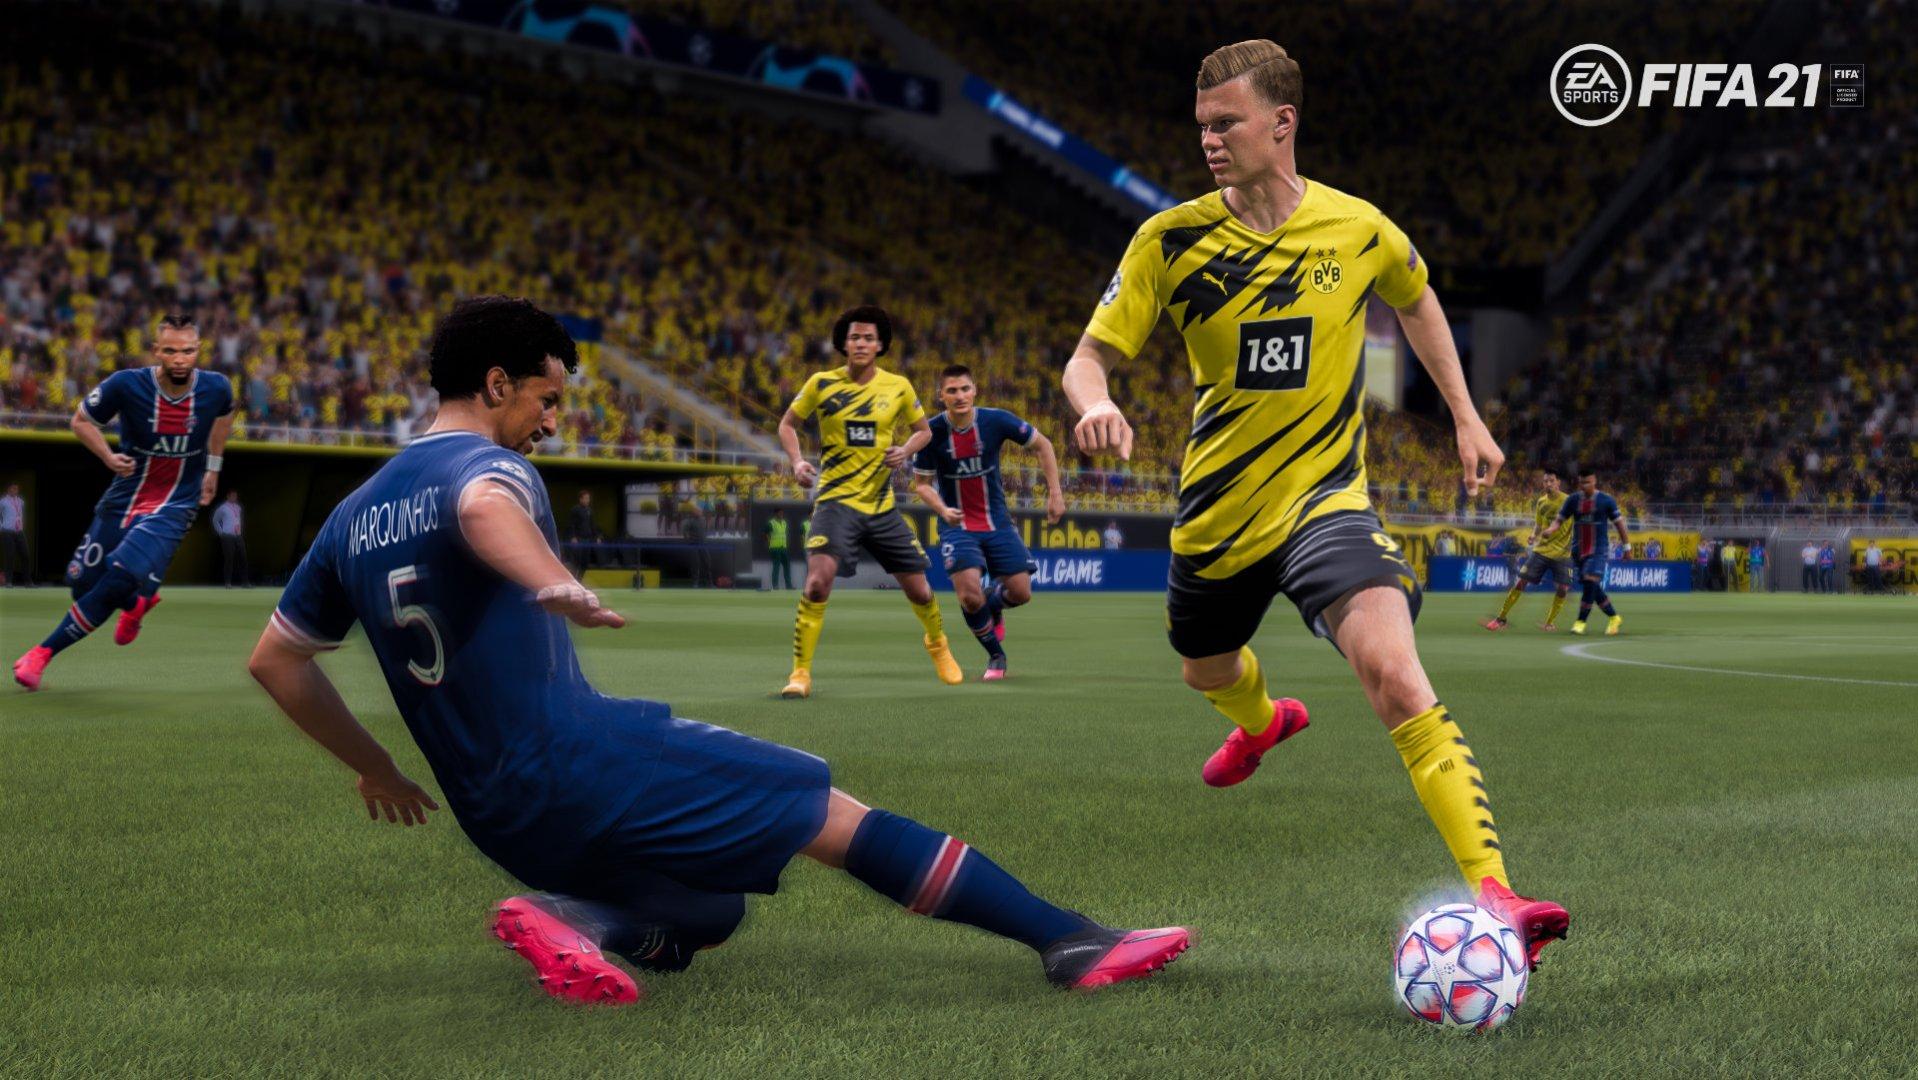 Quelle: EA - FIFA 21